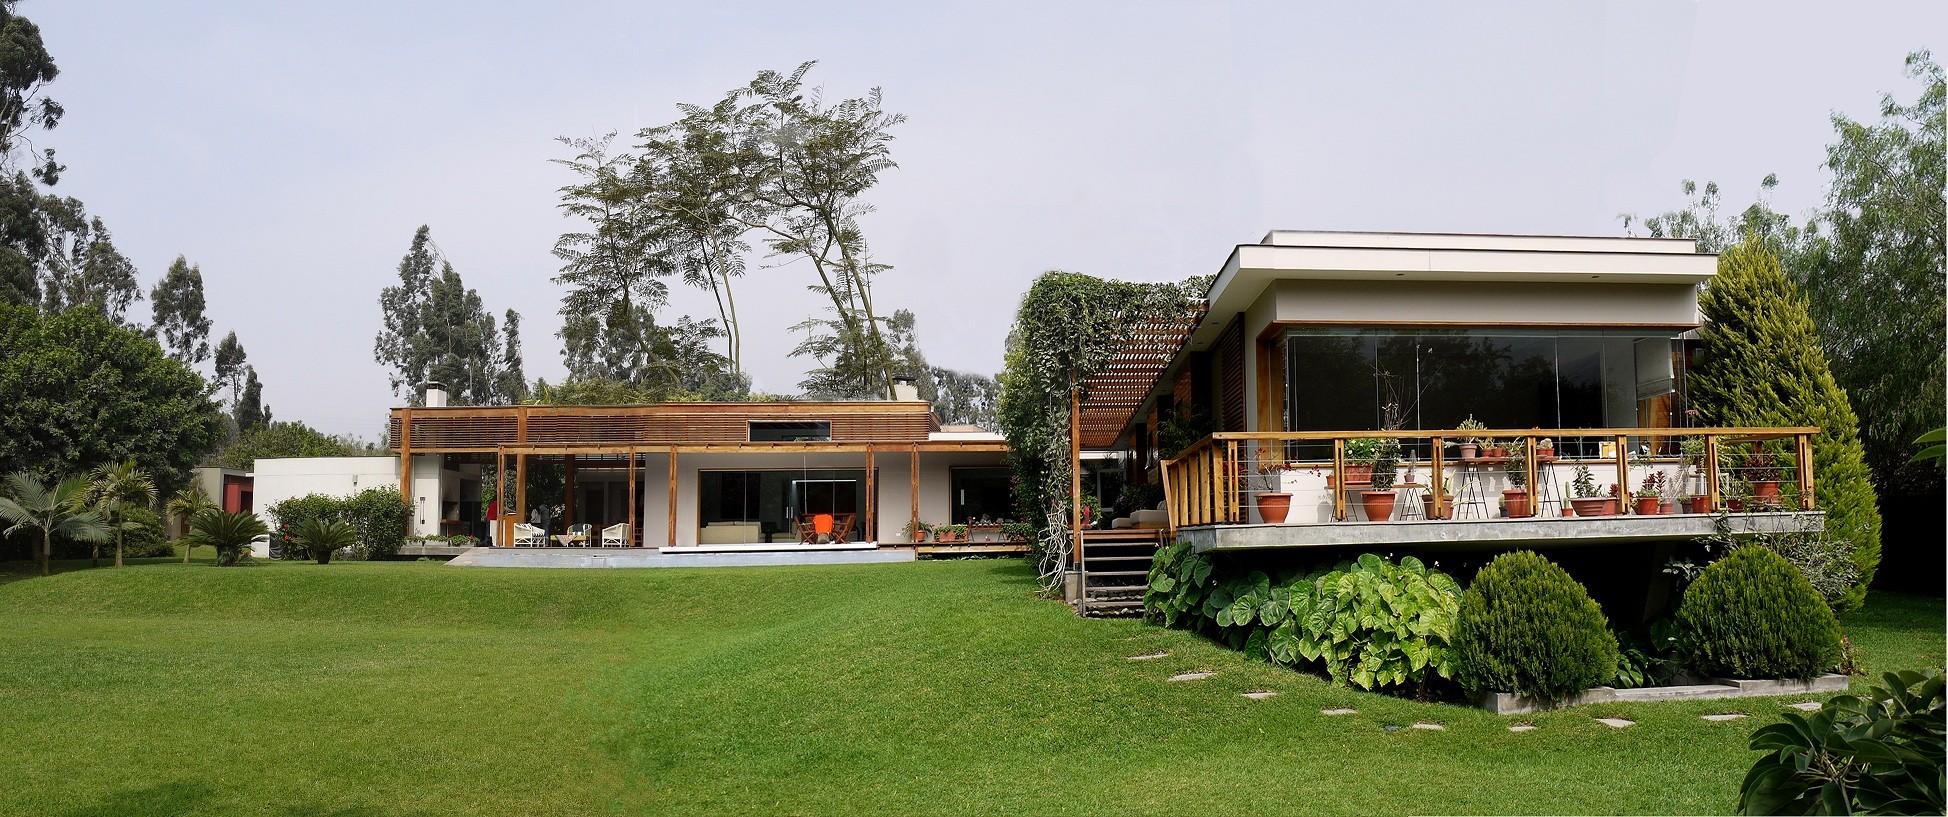 Casa de campo el ombu oscar gonzalez moix plataforma for Fotos de casas de campo con piscina